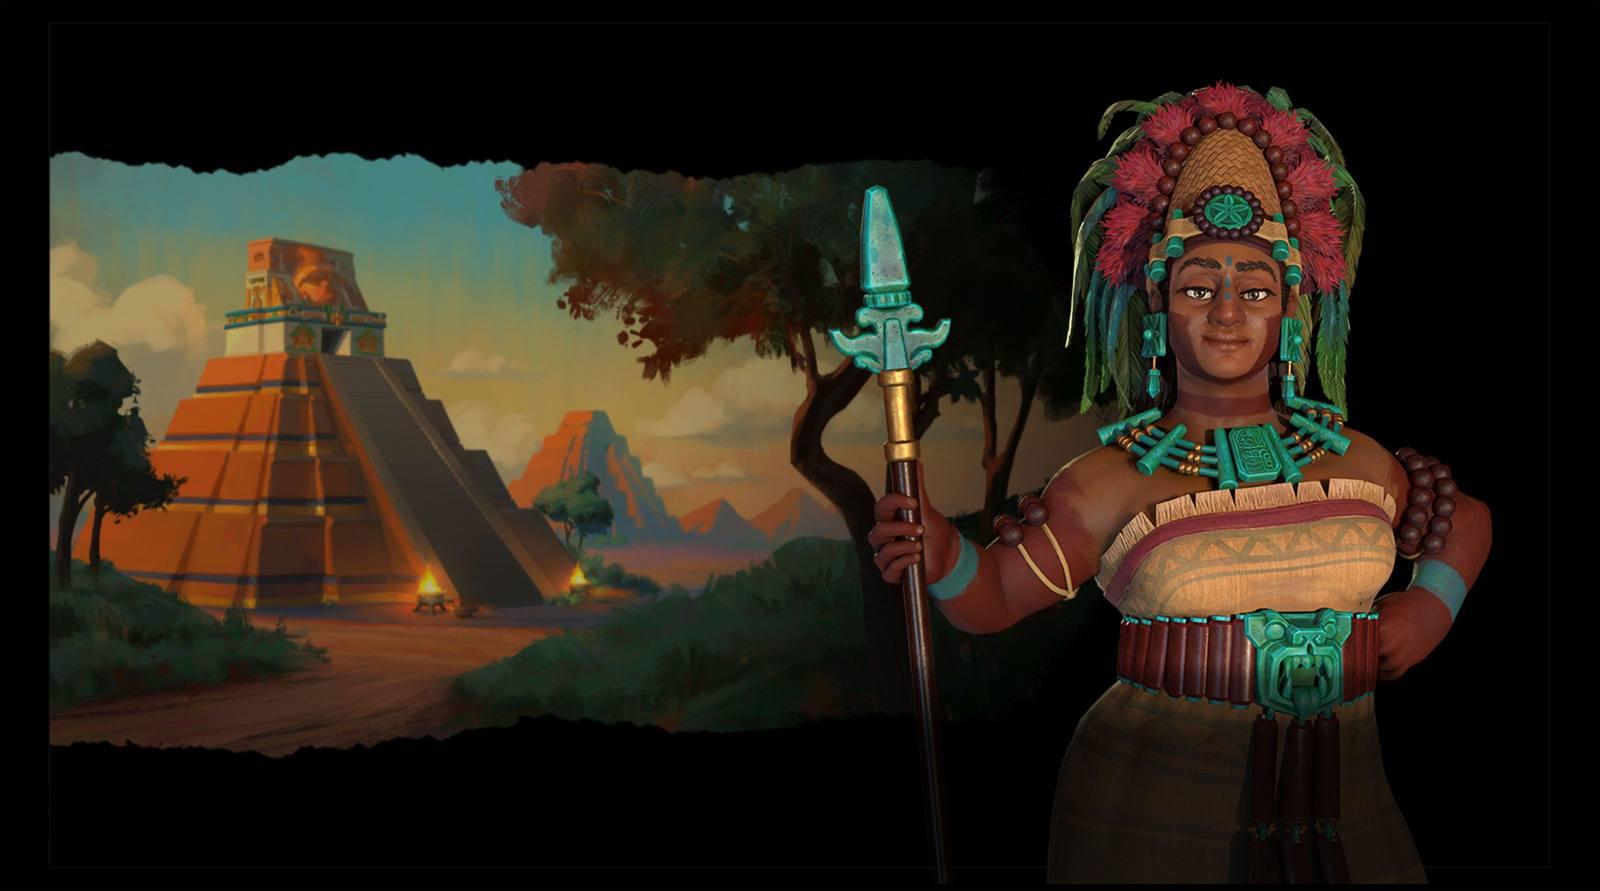 """《文明6》""""新纪元季票"""" DLC1玛雅与大哥伦比亚包公布详情"""